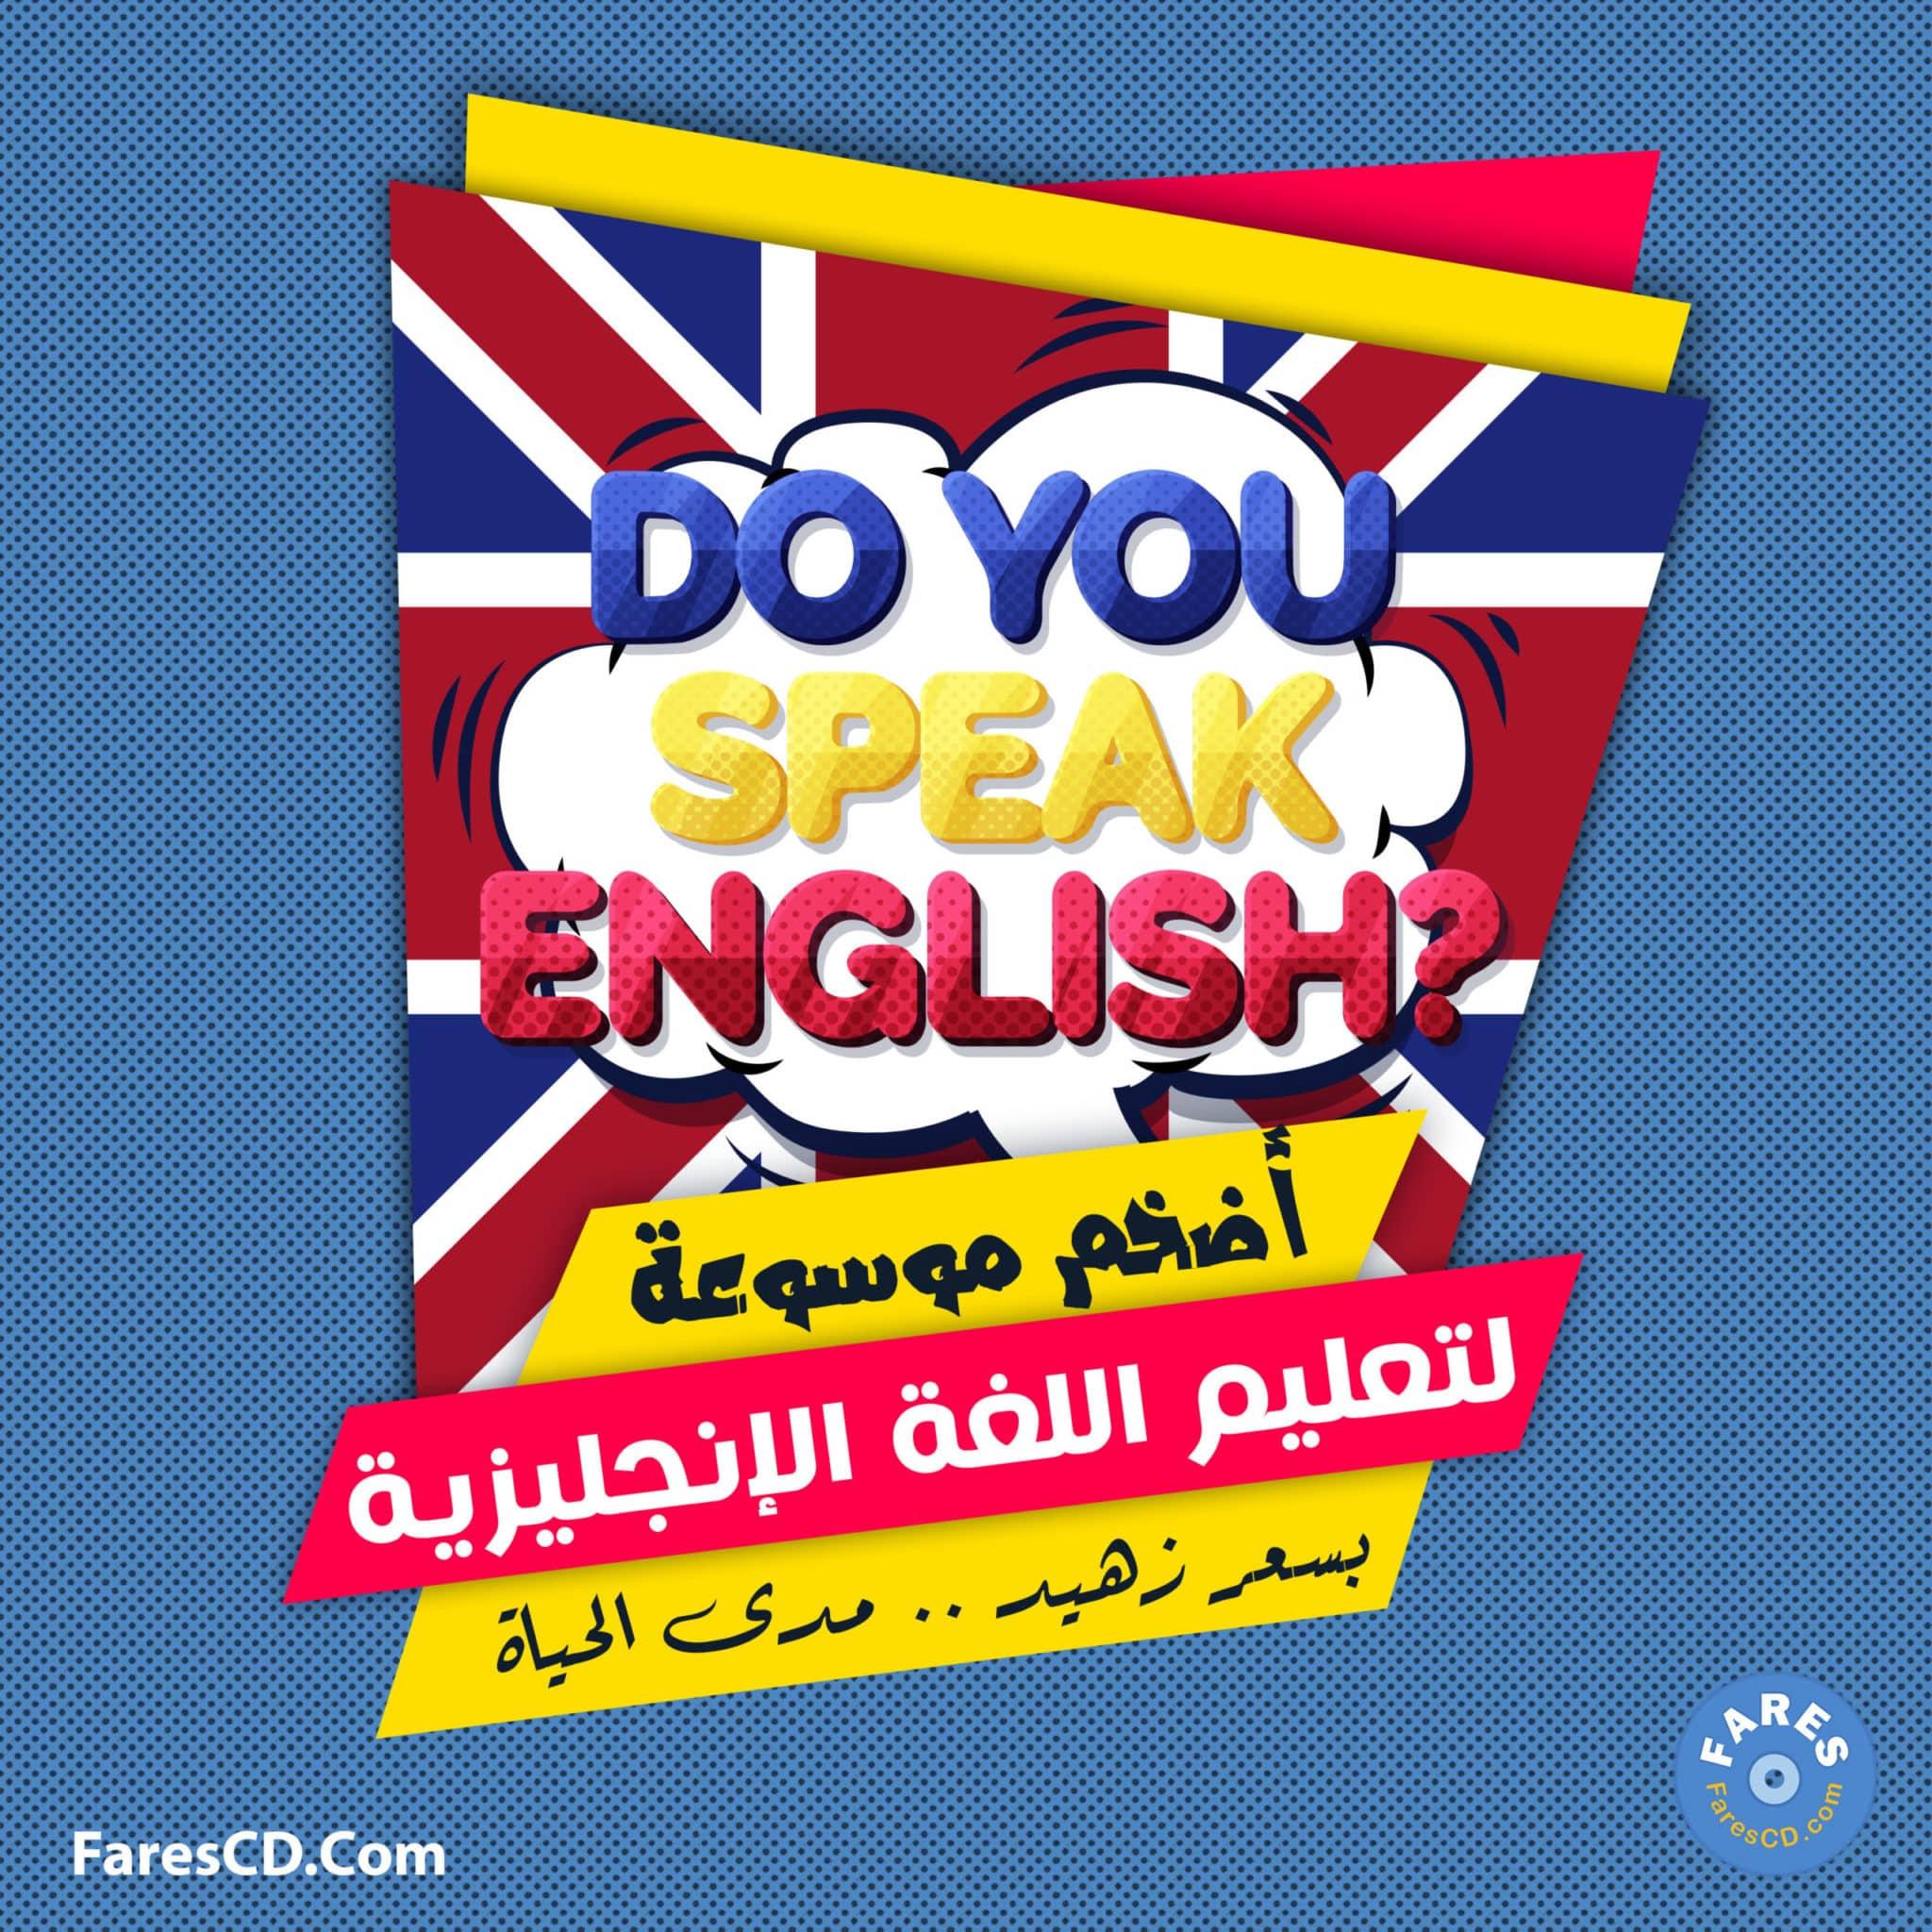 أضخم موسوعة لتعليم اللغة الإنجليزية على الإنترنت